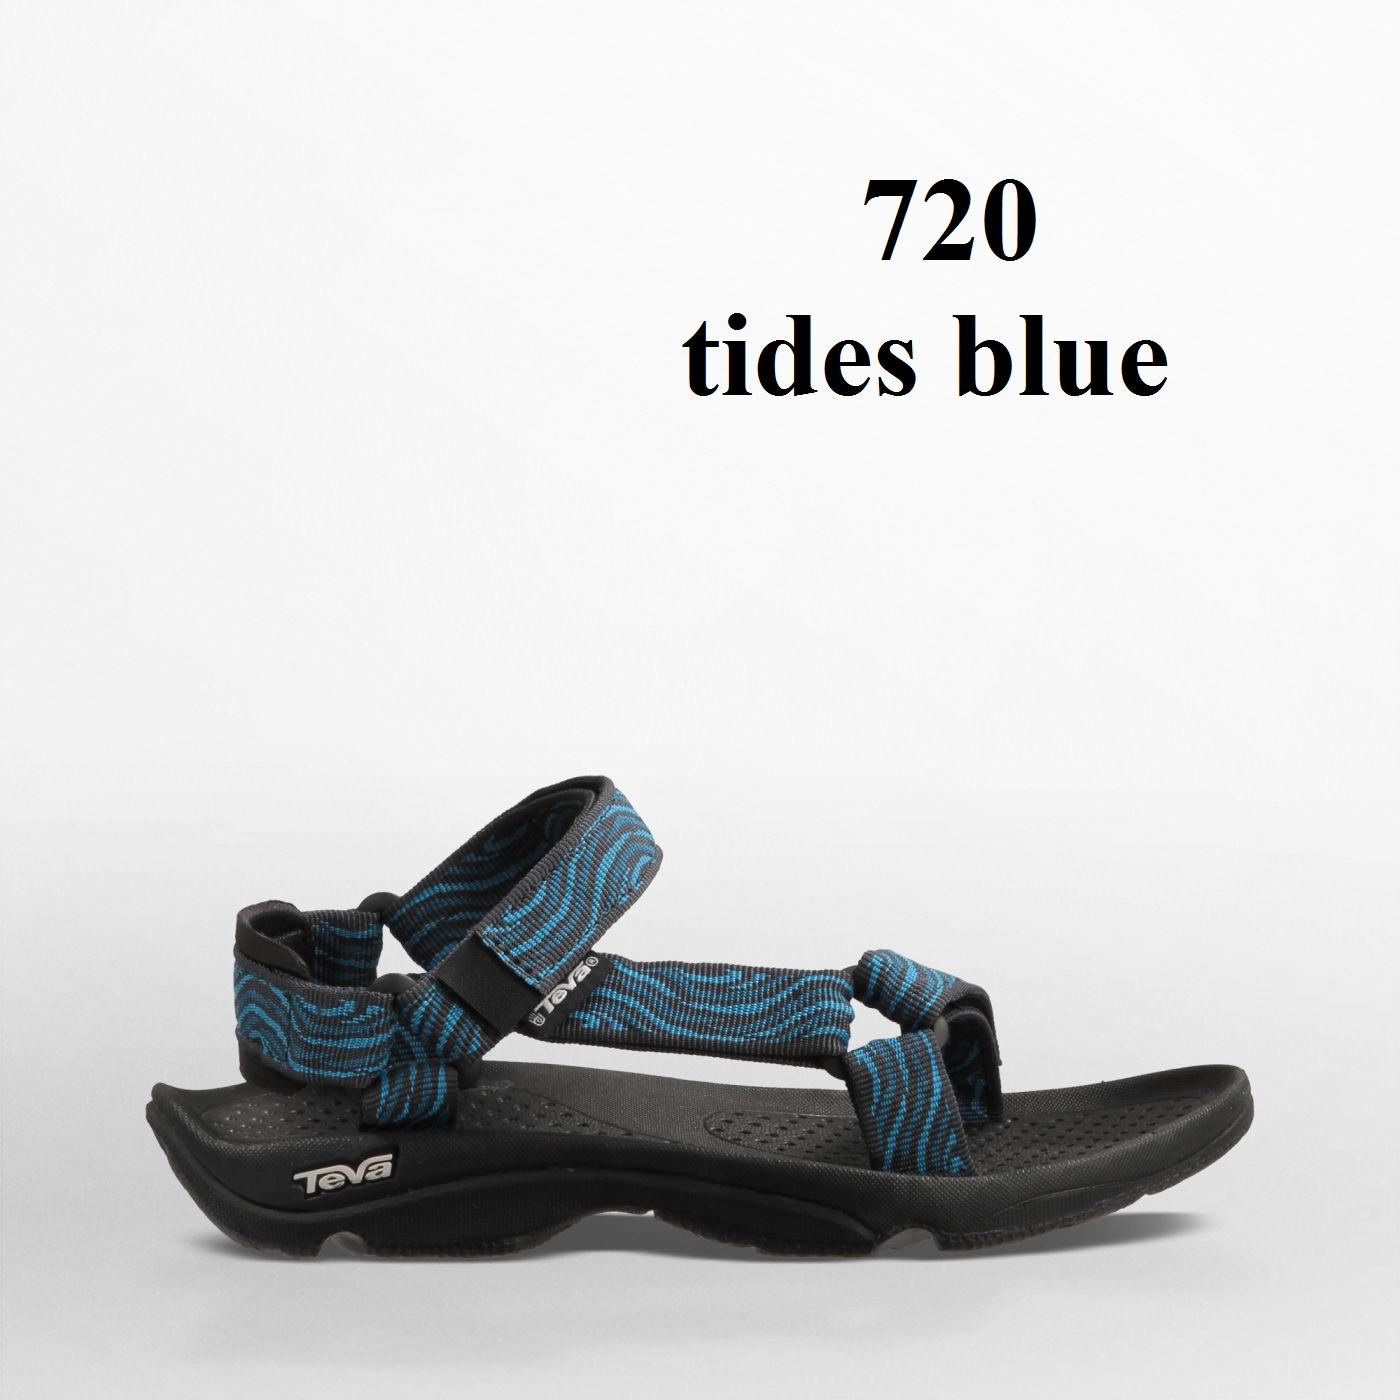 6577-TSB_1